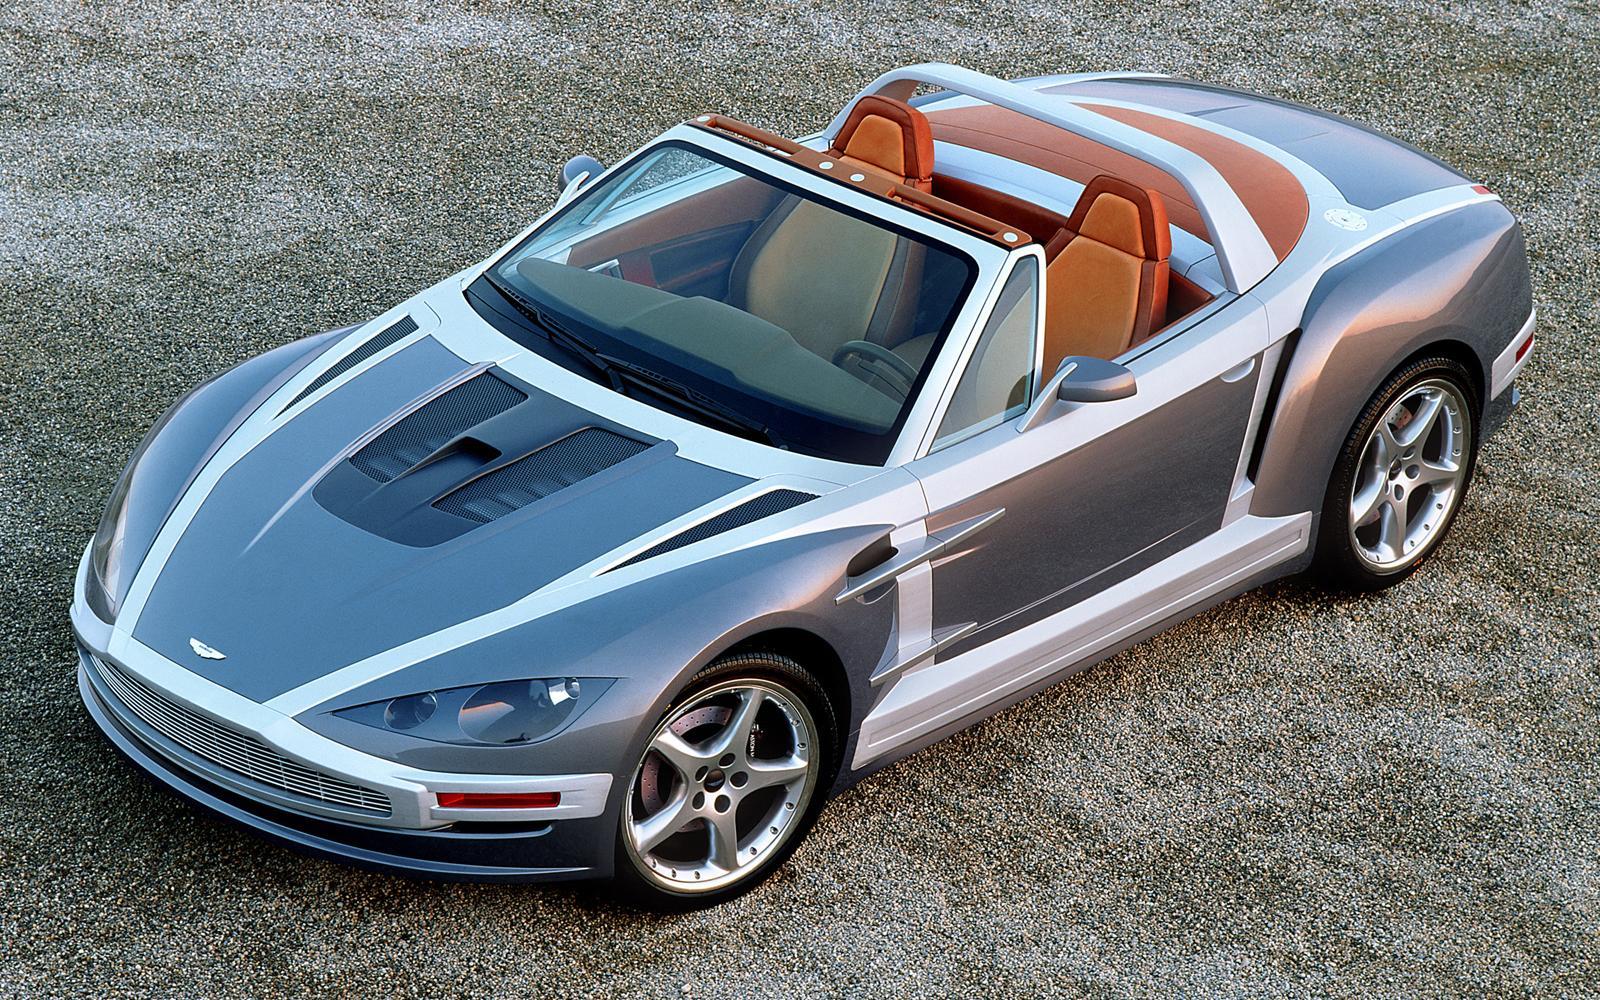 Dit had de Aston Martin voor 2020 moeten worden